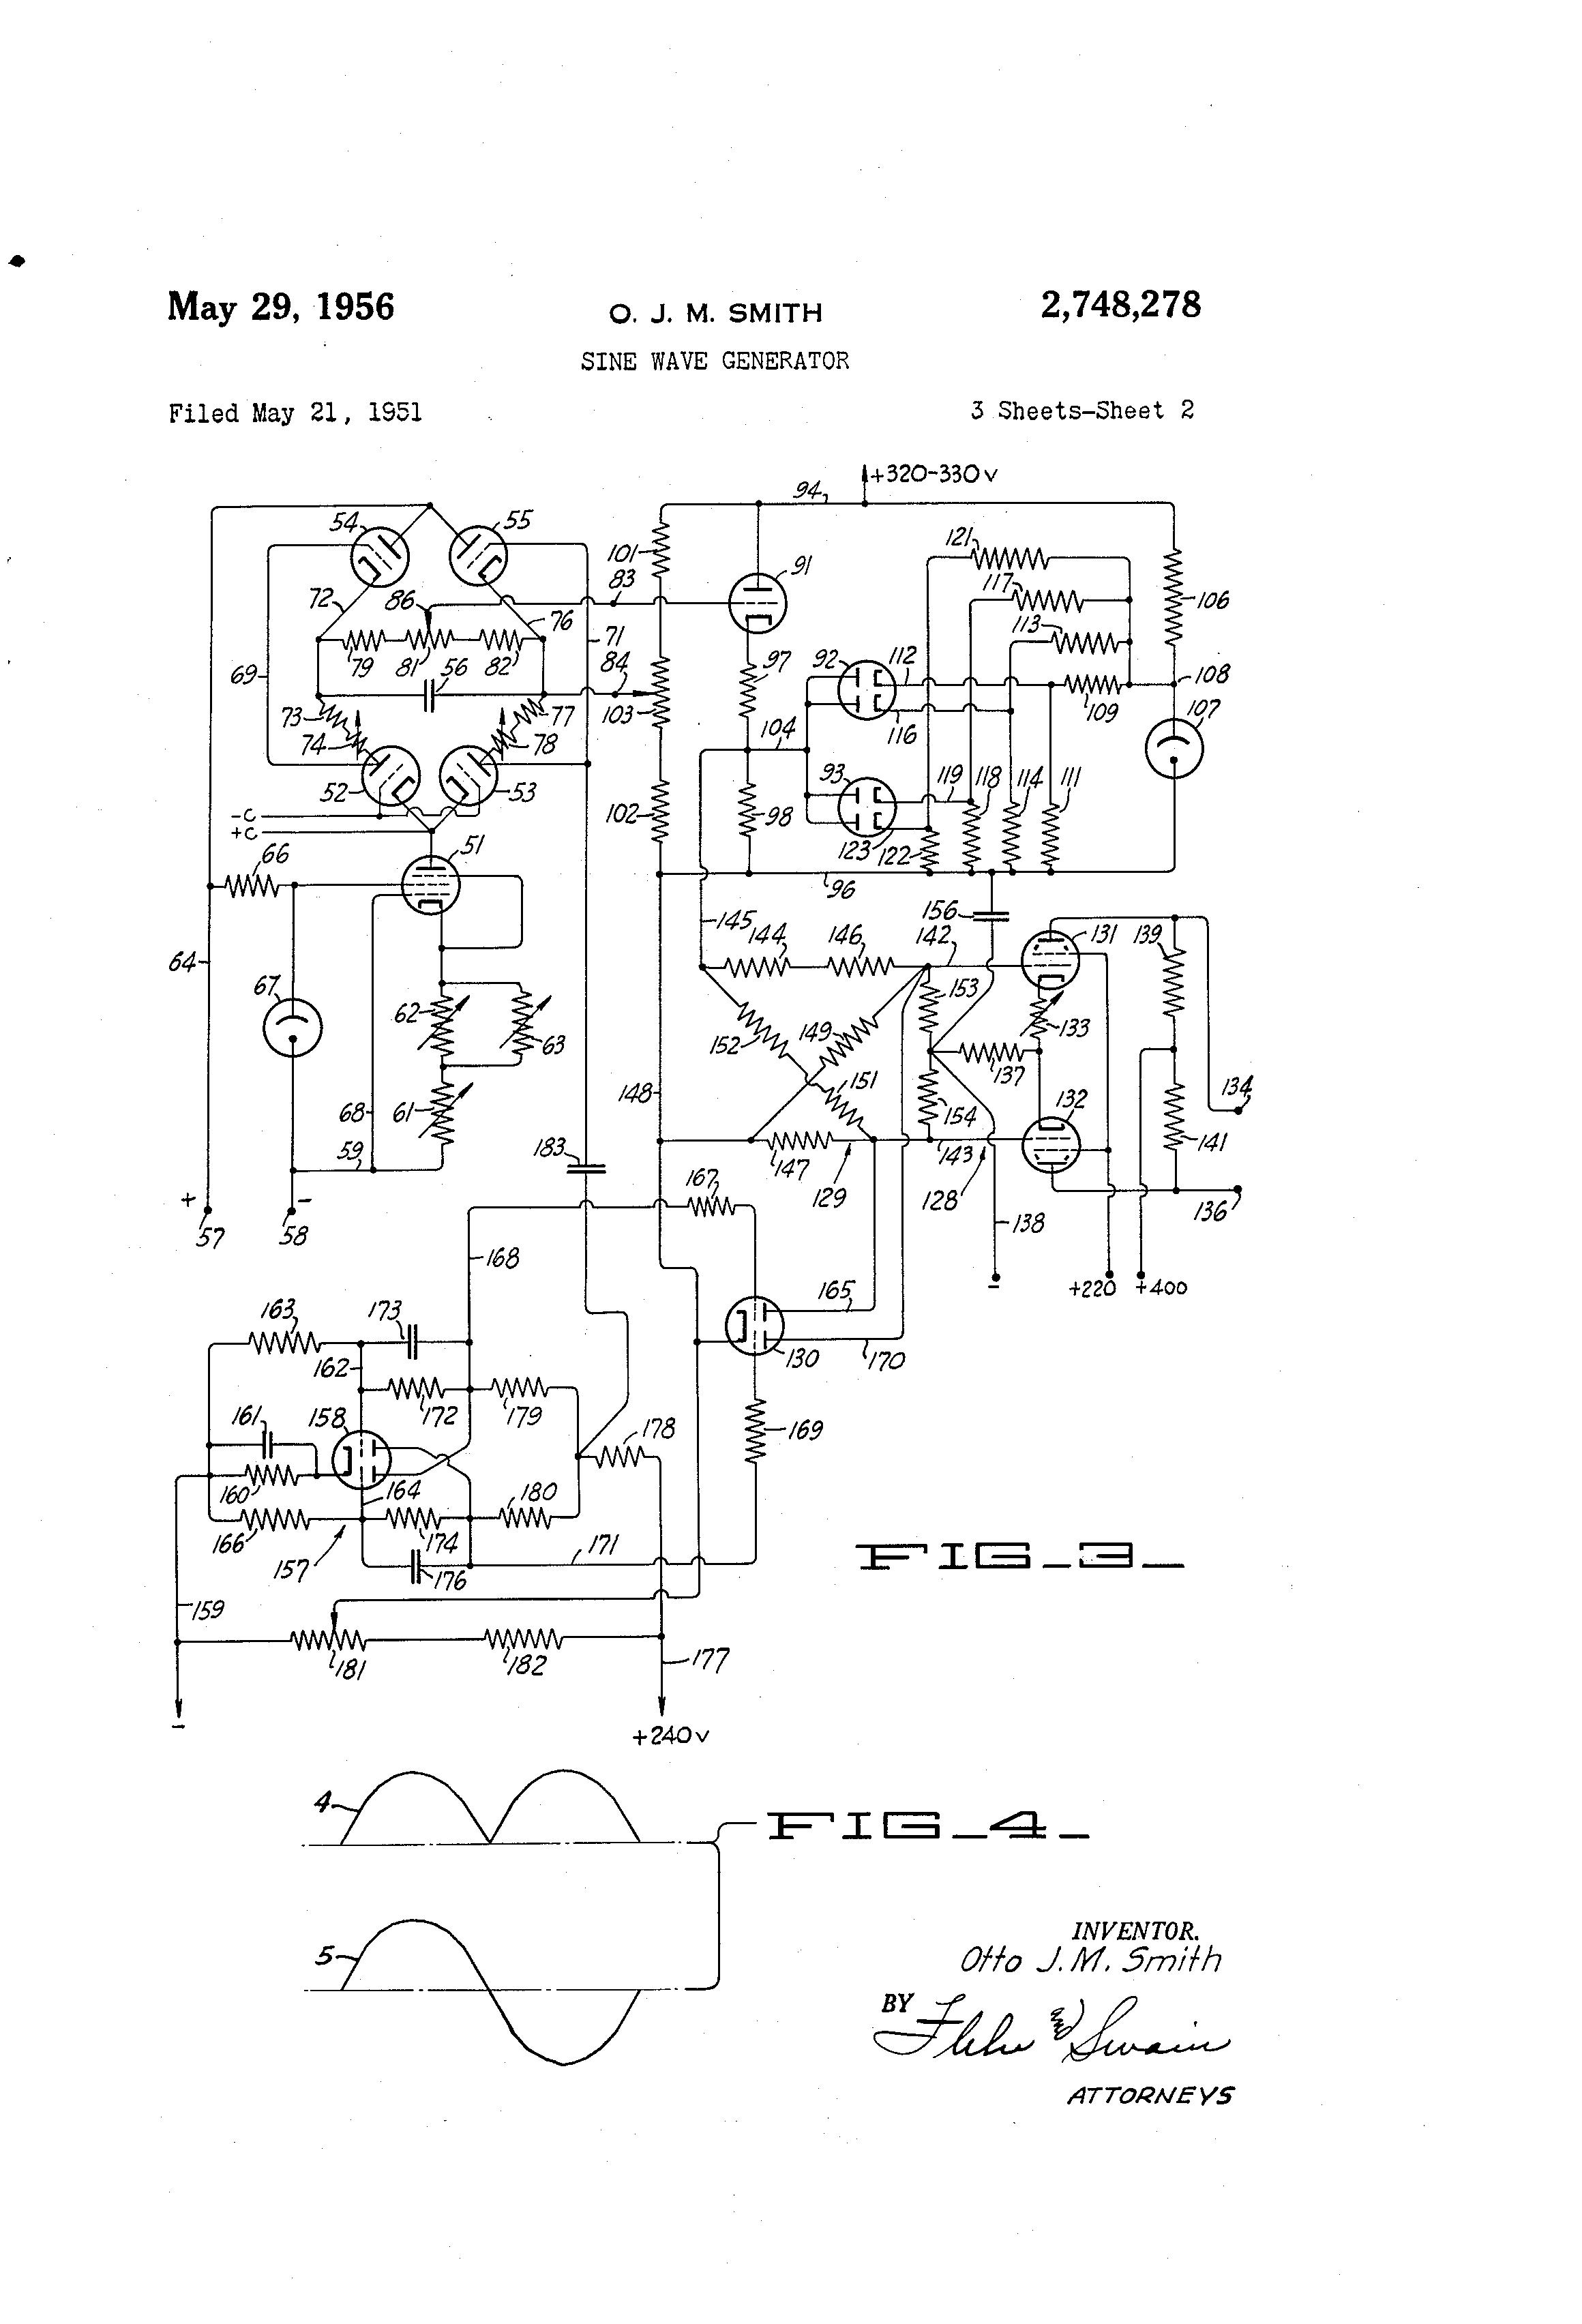 براءة الاختراع US2748278 - Sine wave generator - براءات